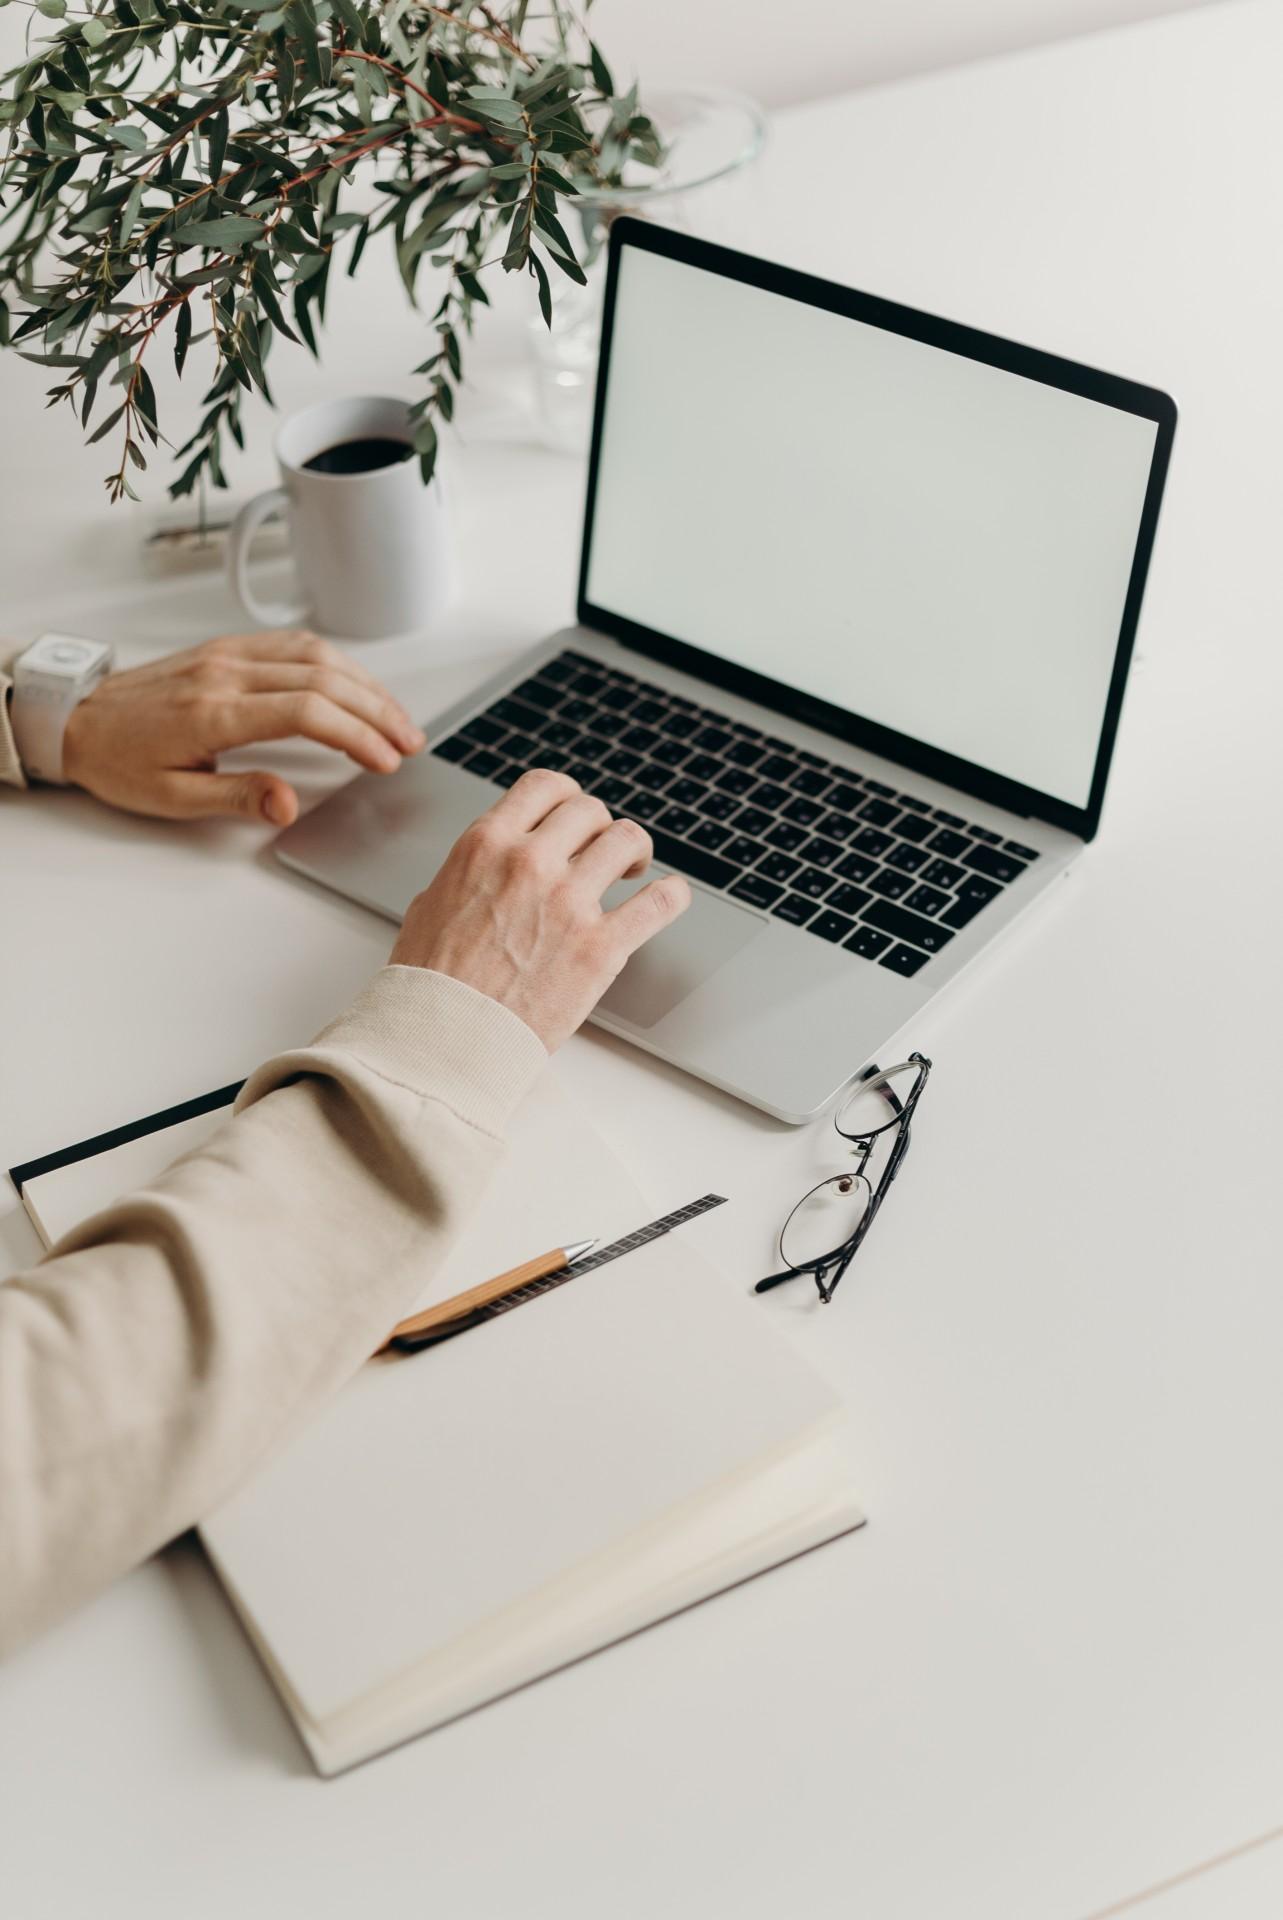 ¿Trabajas con ordenador? Esta información te interesa…